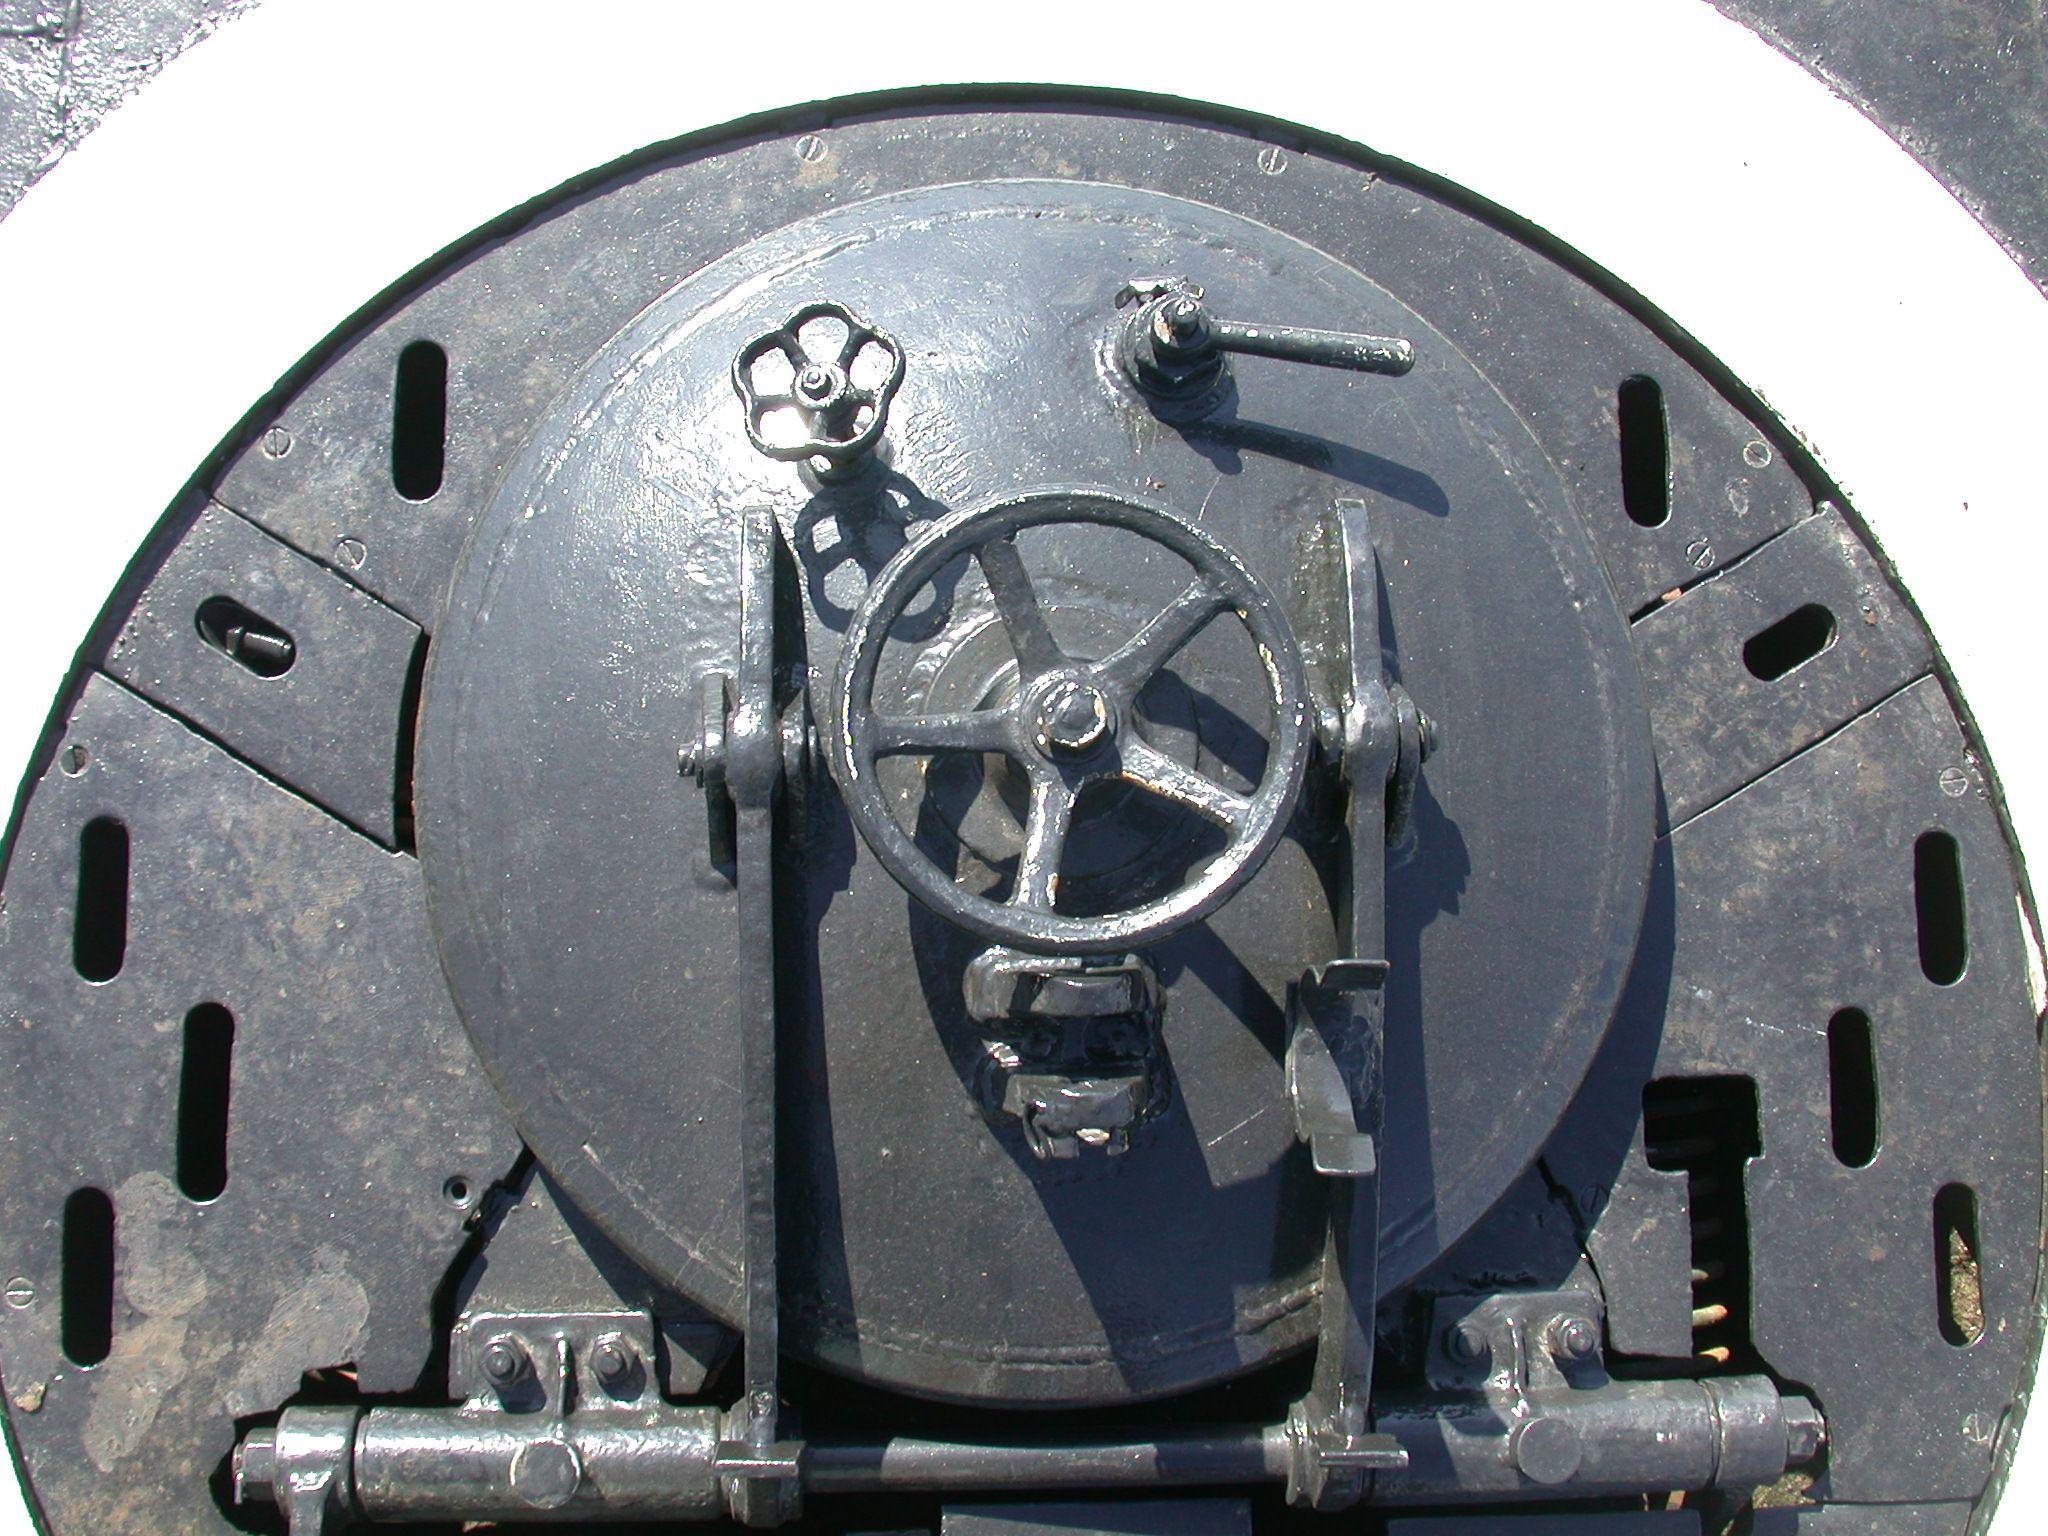 Torpedo Hatch Valve Latch Iron Painted Steel Hinges Door Hatch Iron Steel Steel Texture